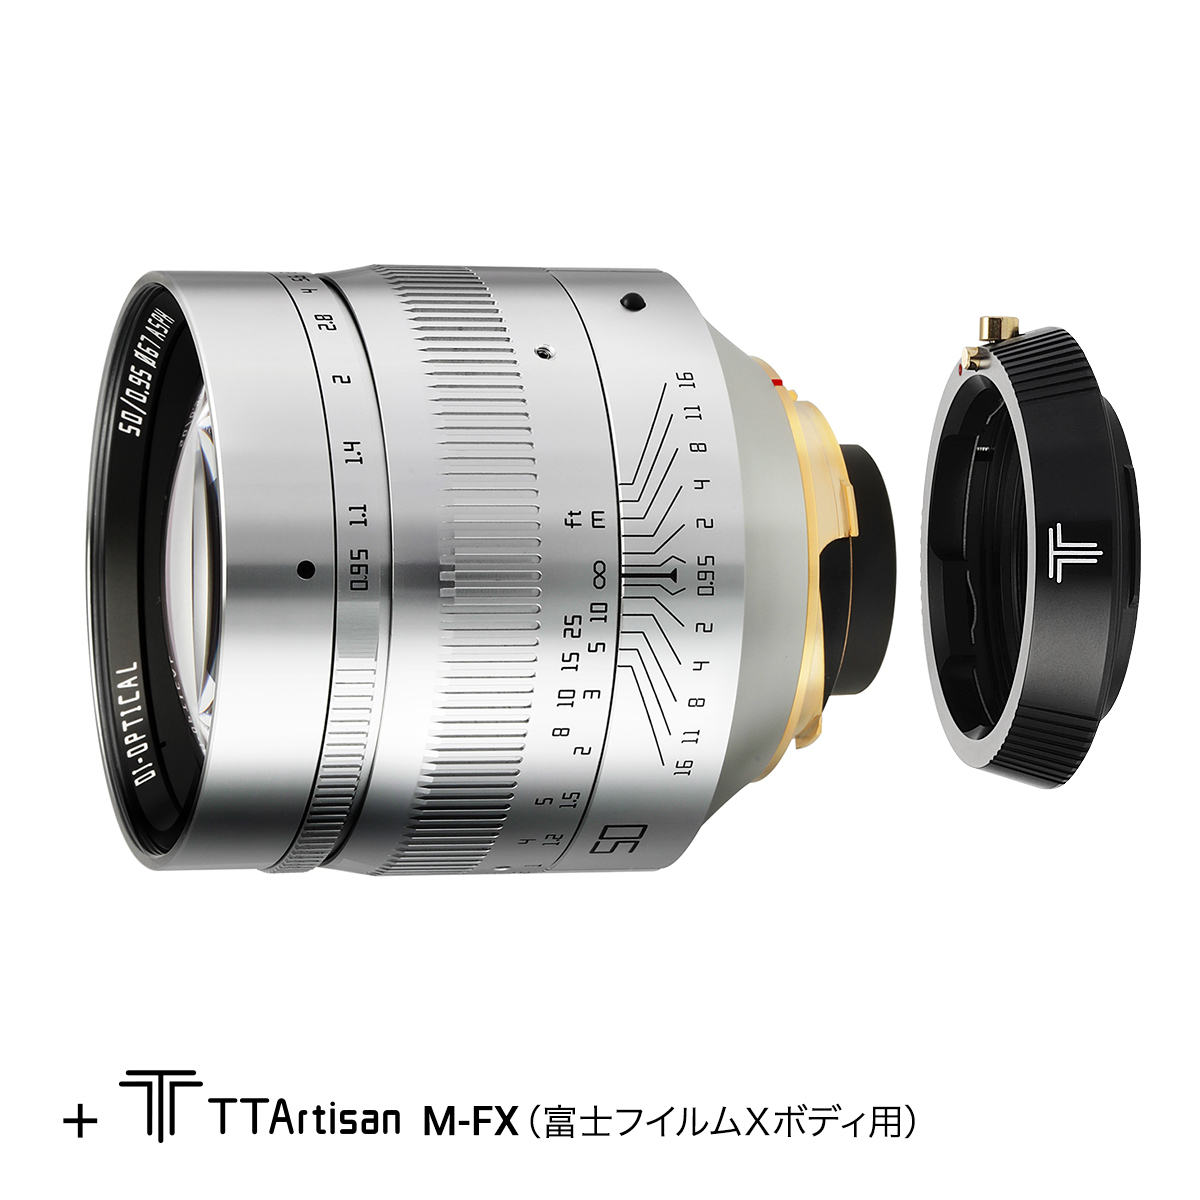 銘匠光学 TTArtisan 50mm f/0.95 ASPH ステンレスシルバー ライカMマウント マウントアダプター セット